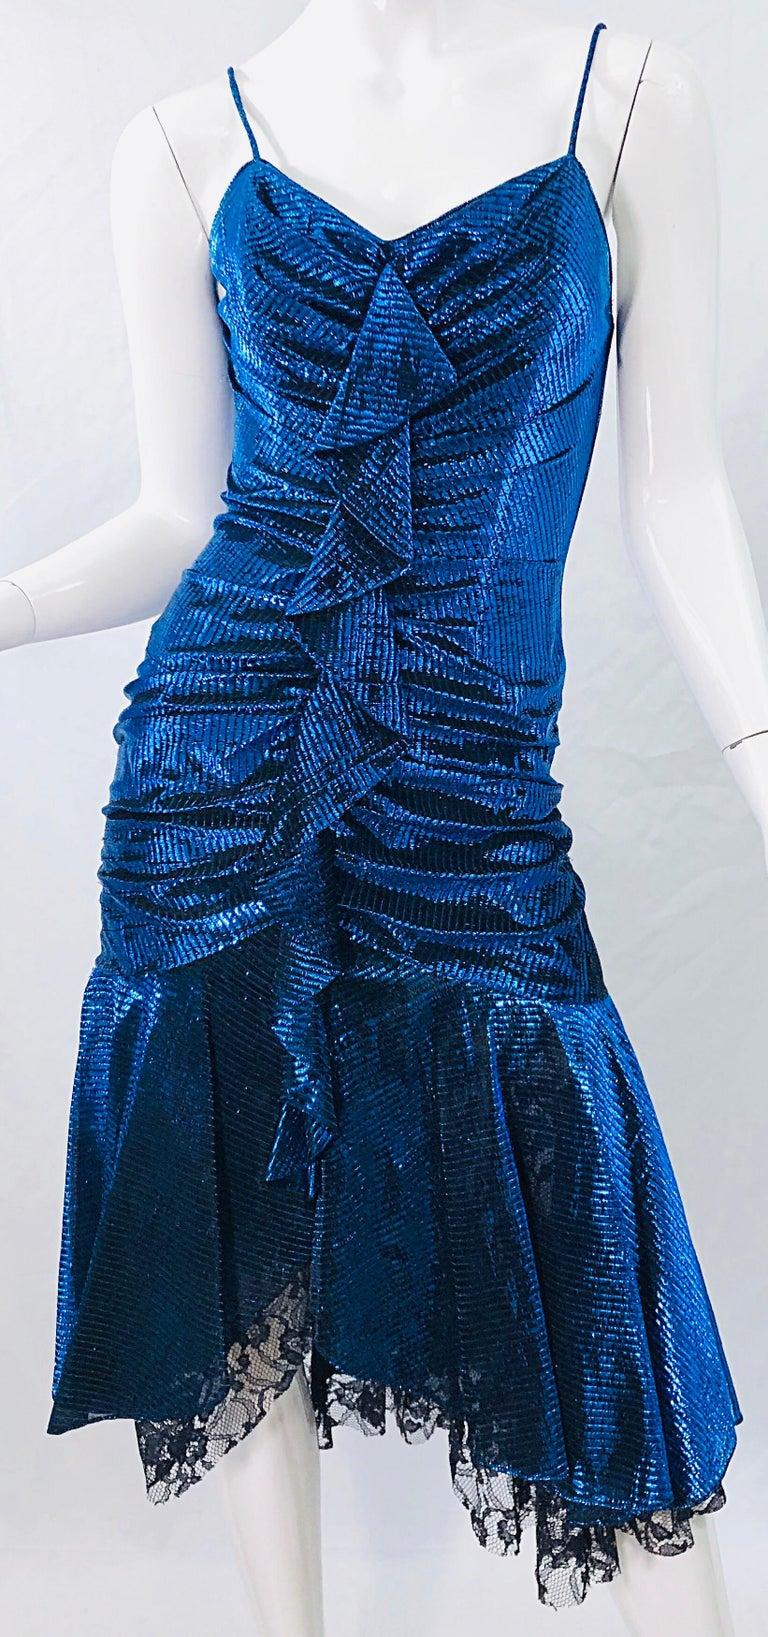 1980s Samir Electric Blue Lurex + Black Lace Handkerchief Hem Vintage 80s Dress For Sale 1